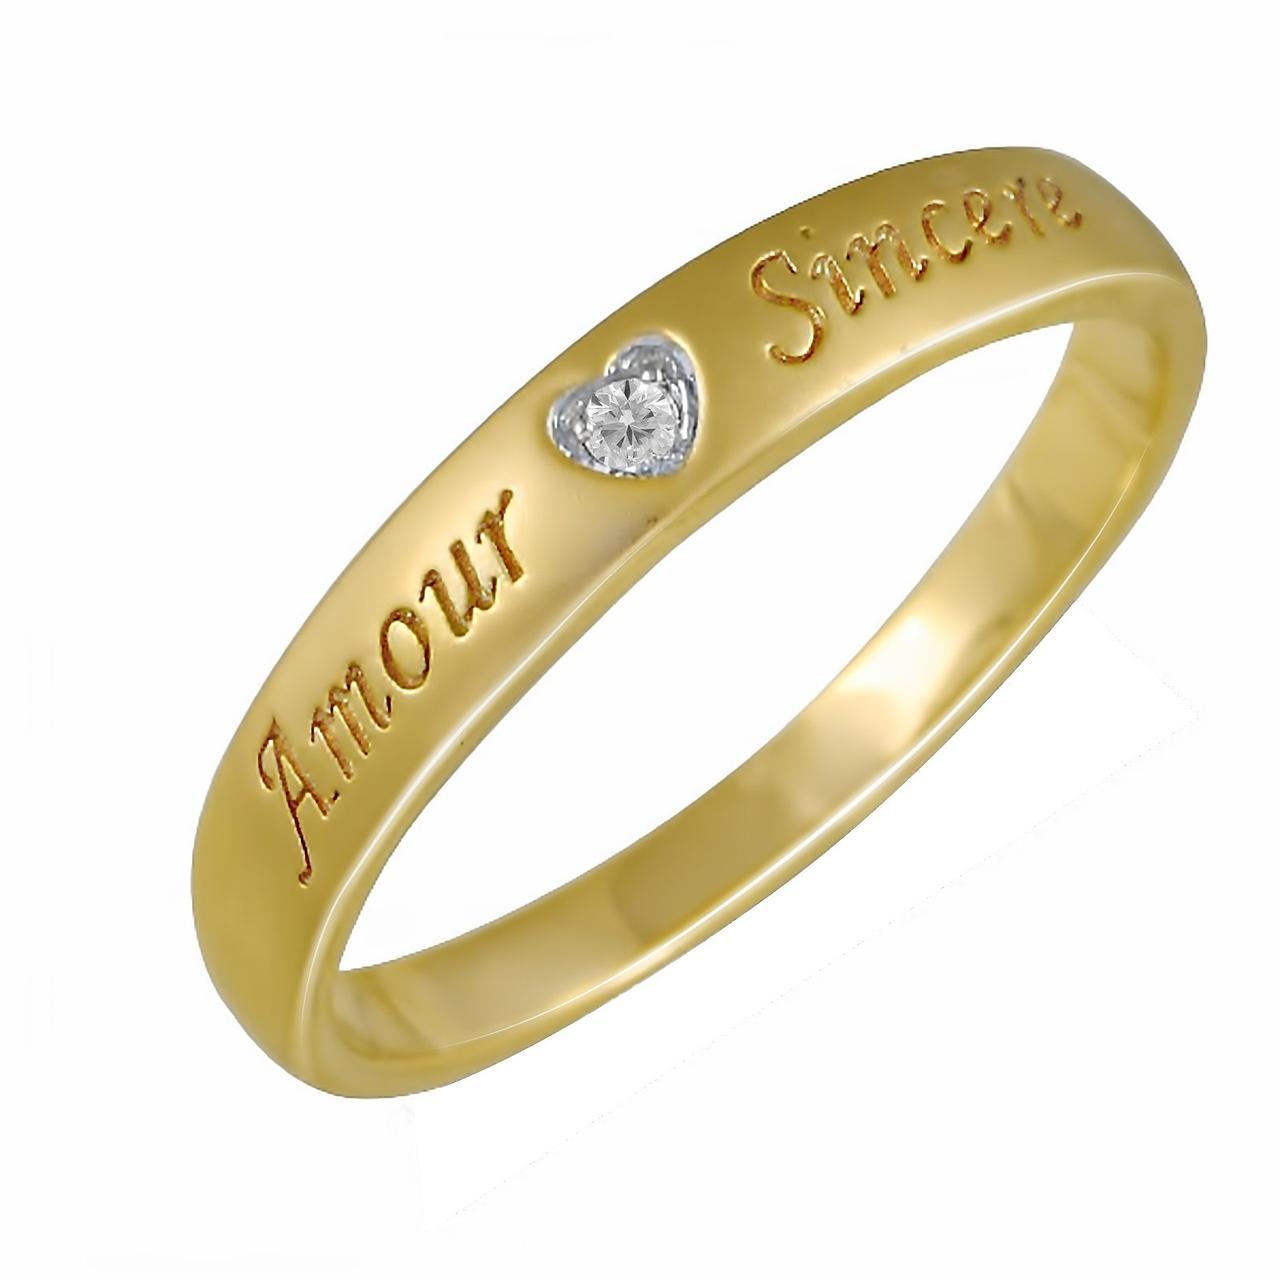 Золотое кольцо с бриллиантом, размер 16.5 (824275)